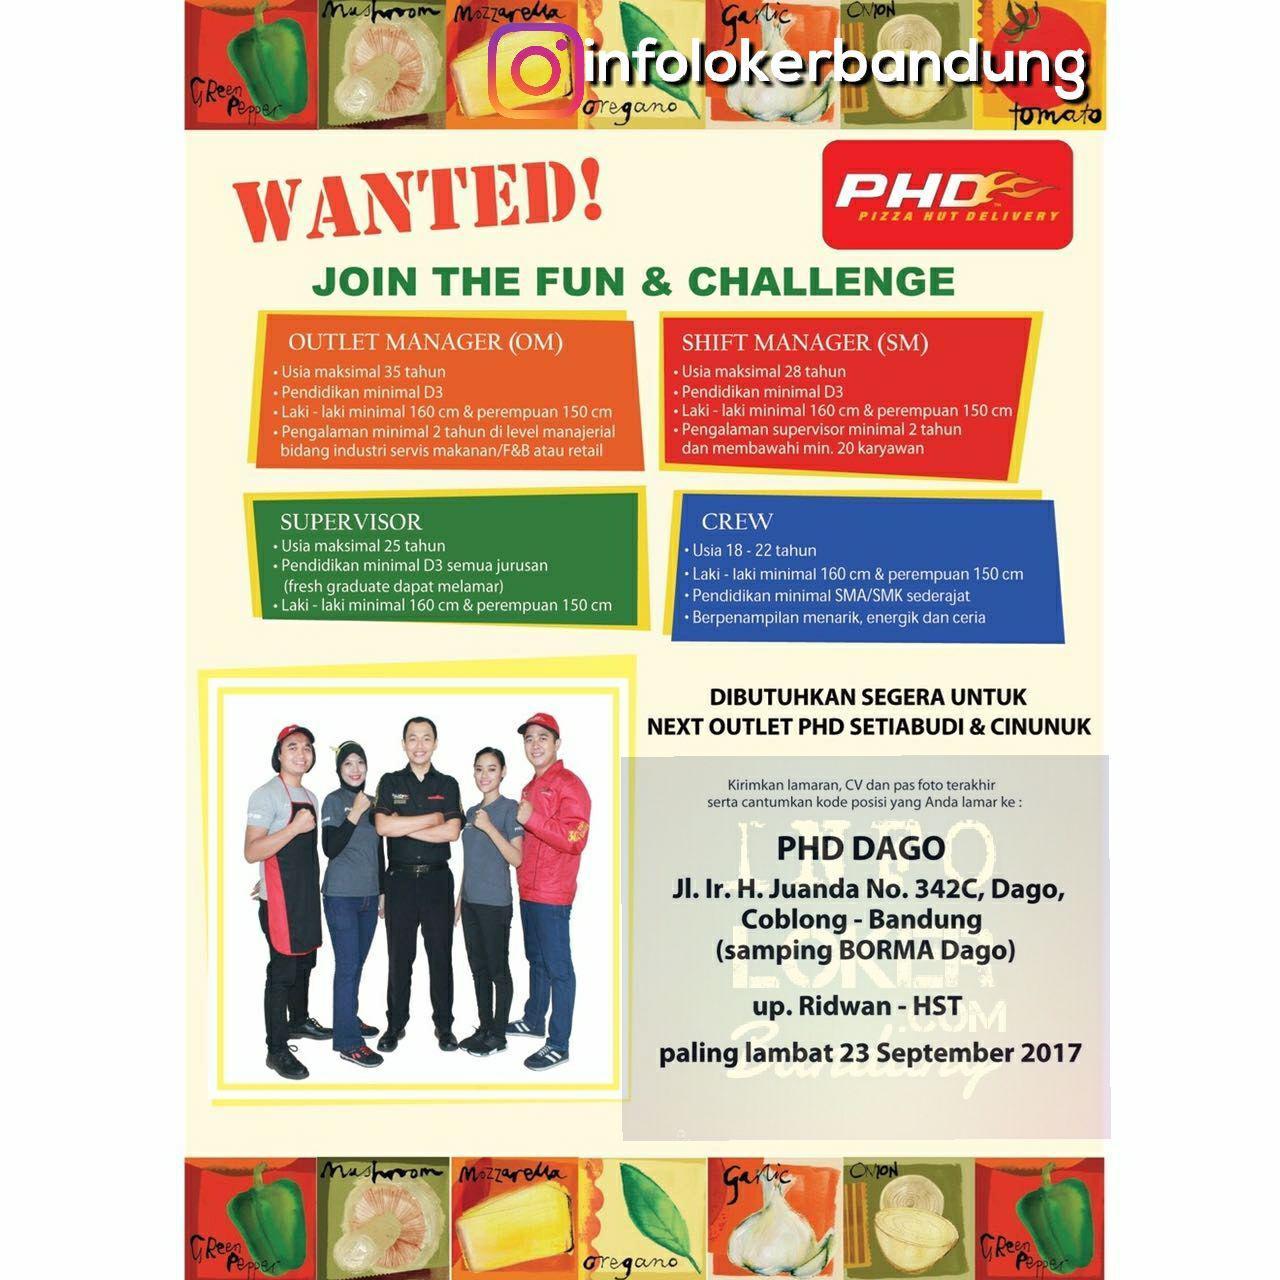 Lowongan Kerja Pizza Hut Delivery (PHD) Bandung September 2017